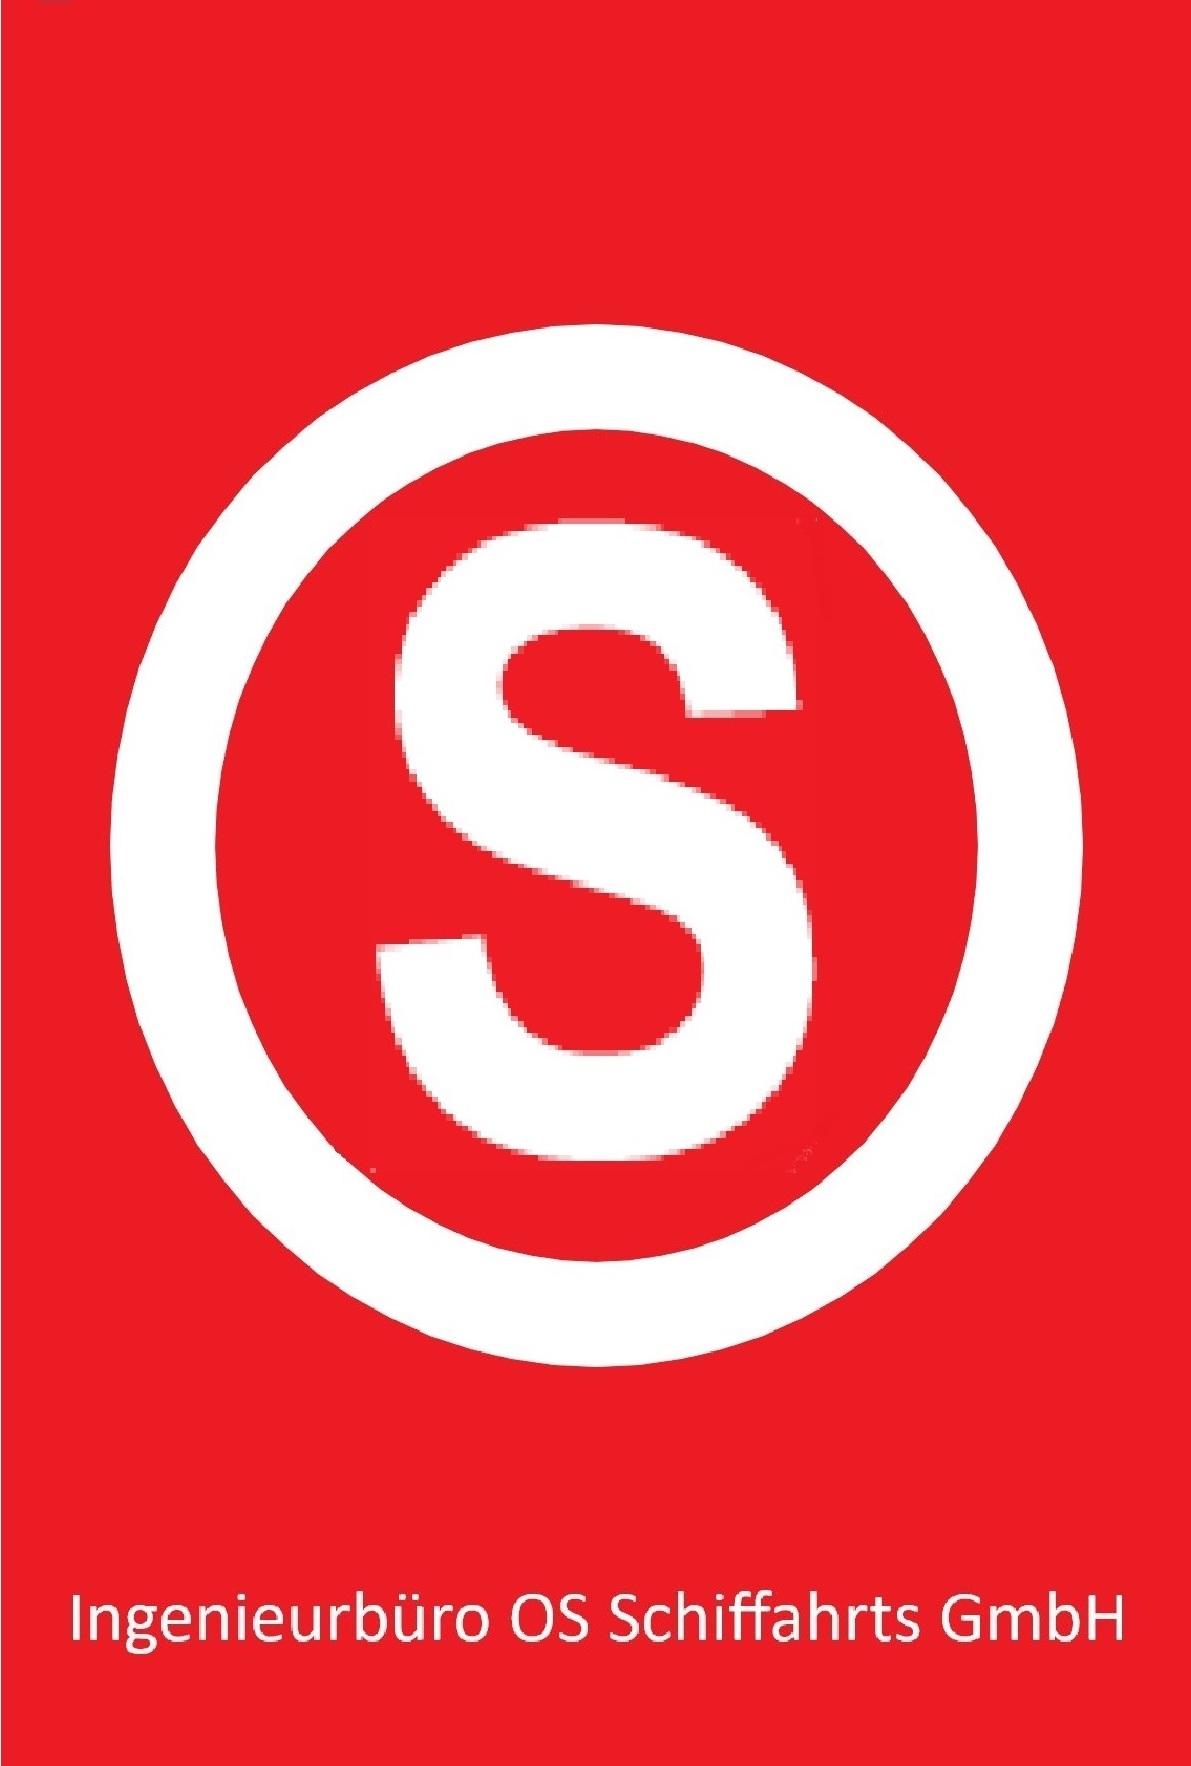 Ingenieurbüro OS Schiffahrts GmbH